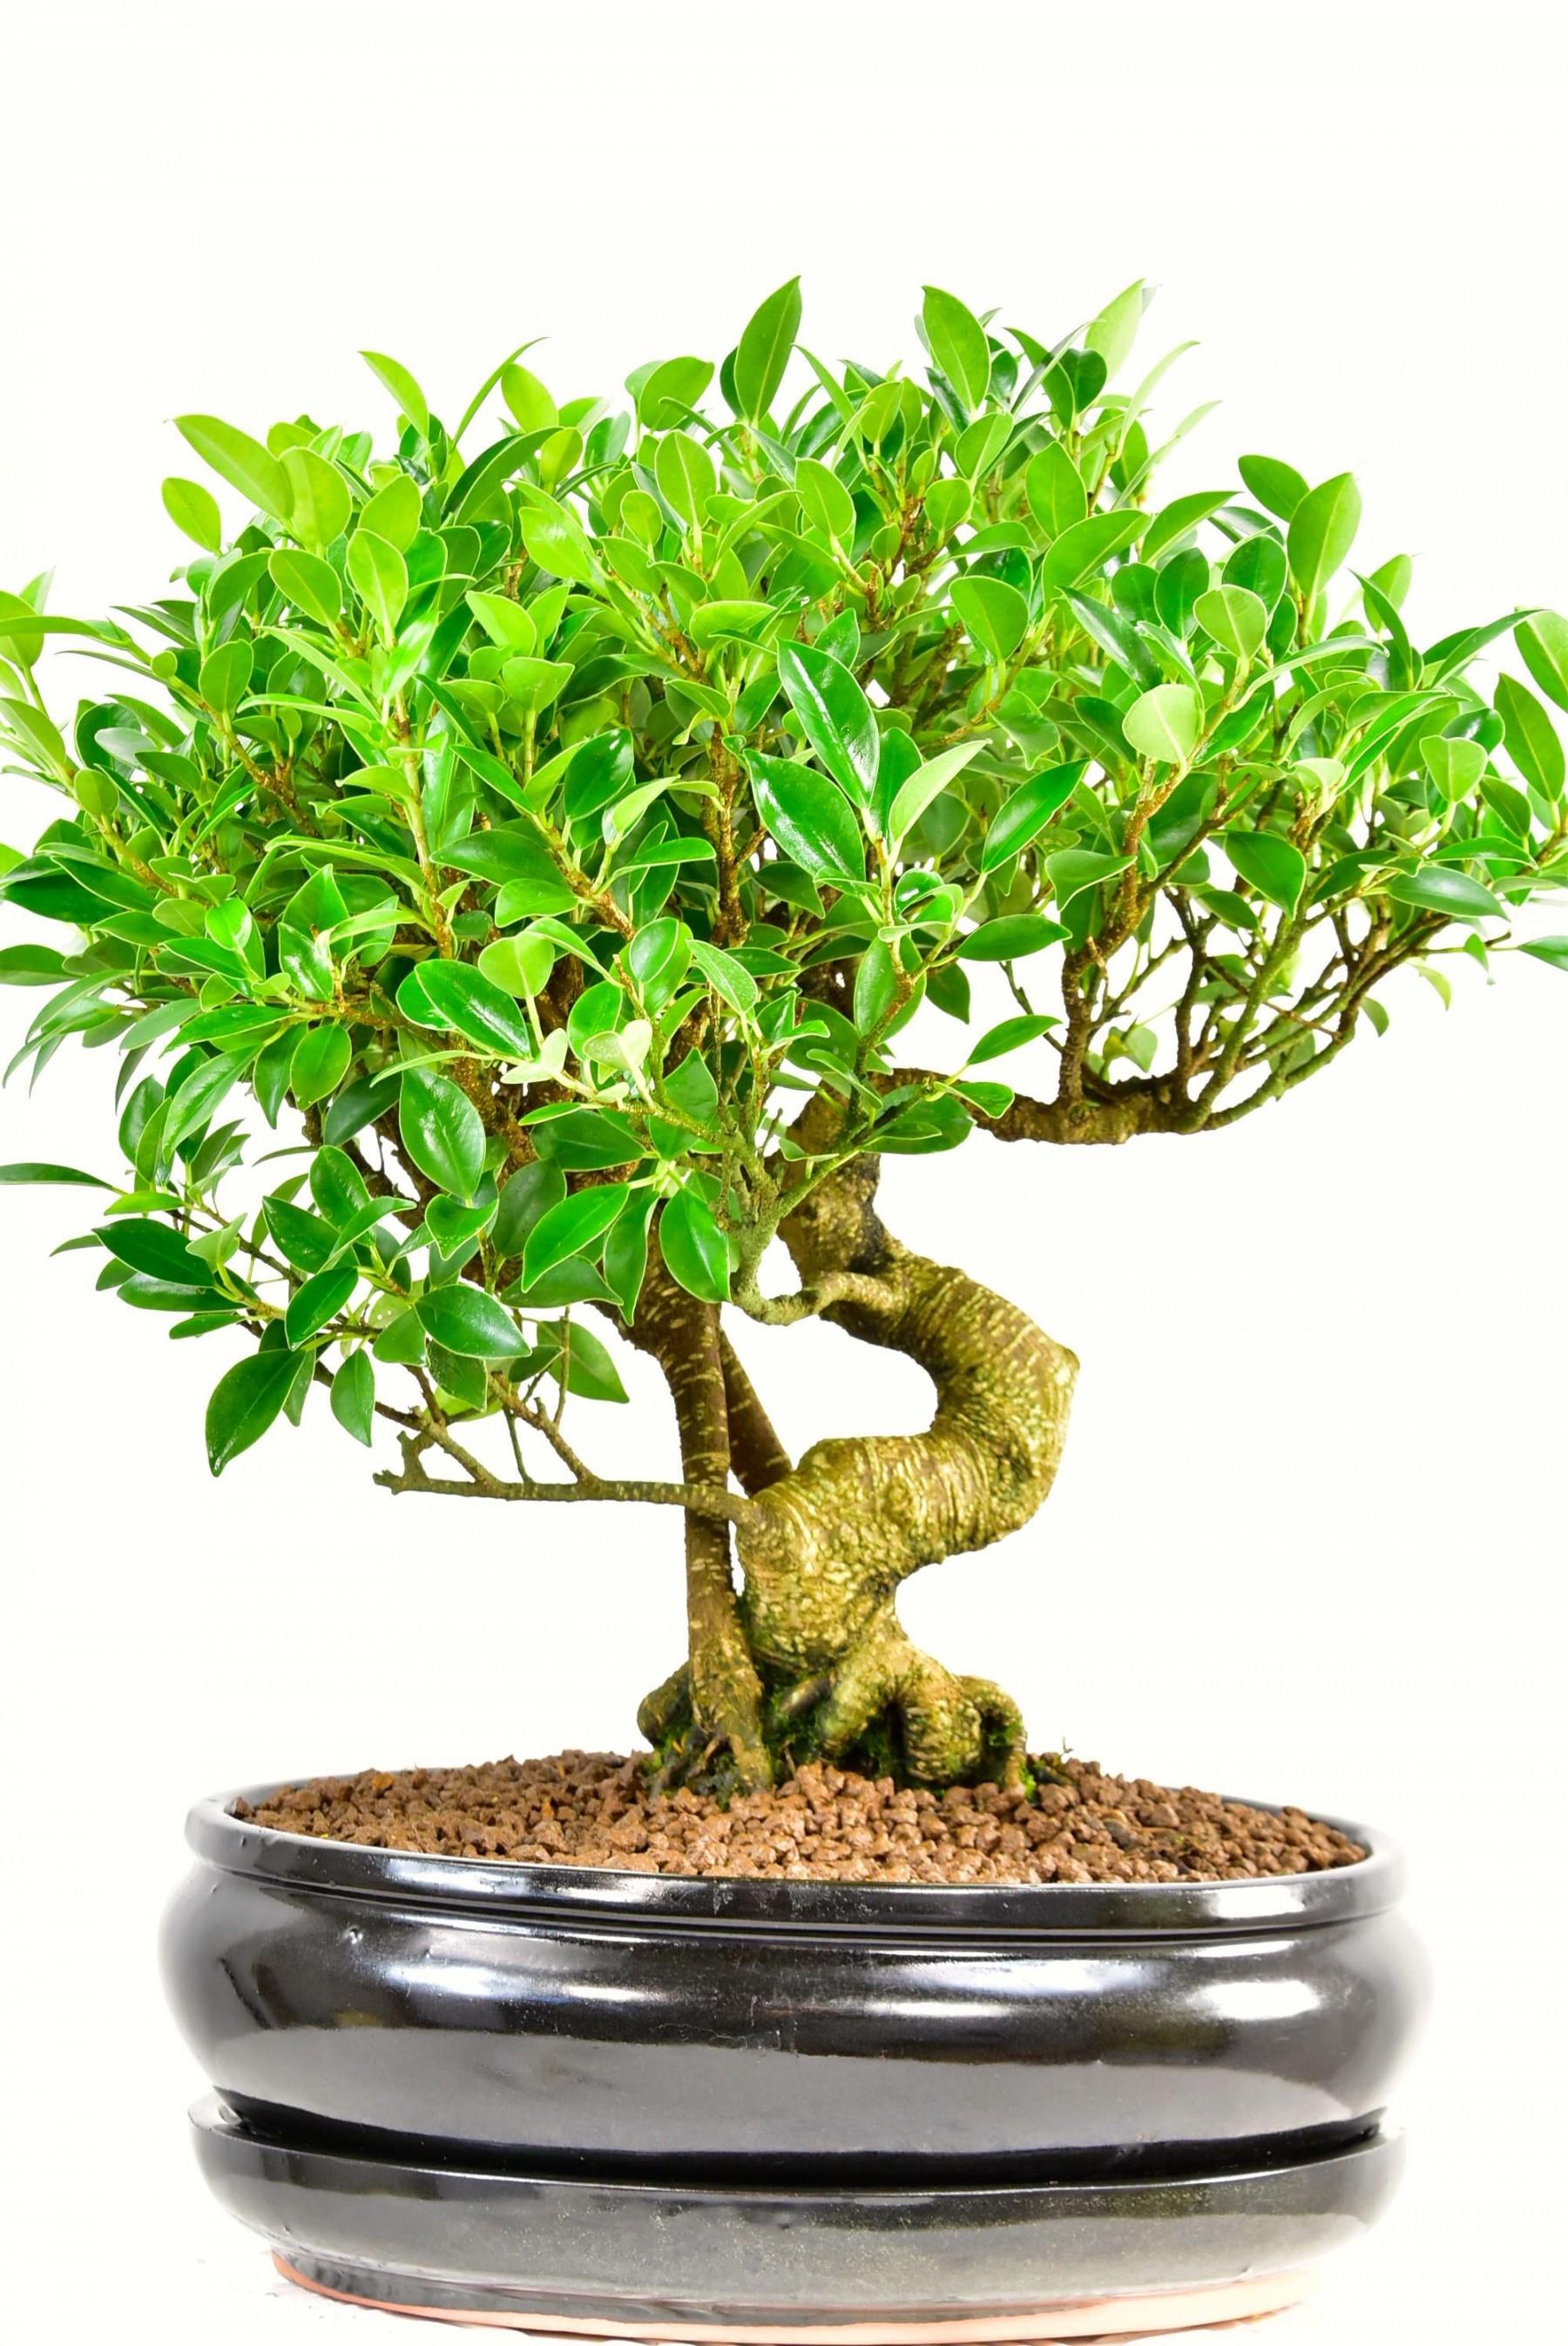 Exquisite Specimen Indoor Ficus Bonsai Tree with incredible aerial ...